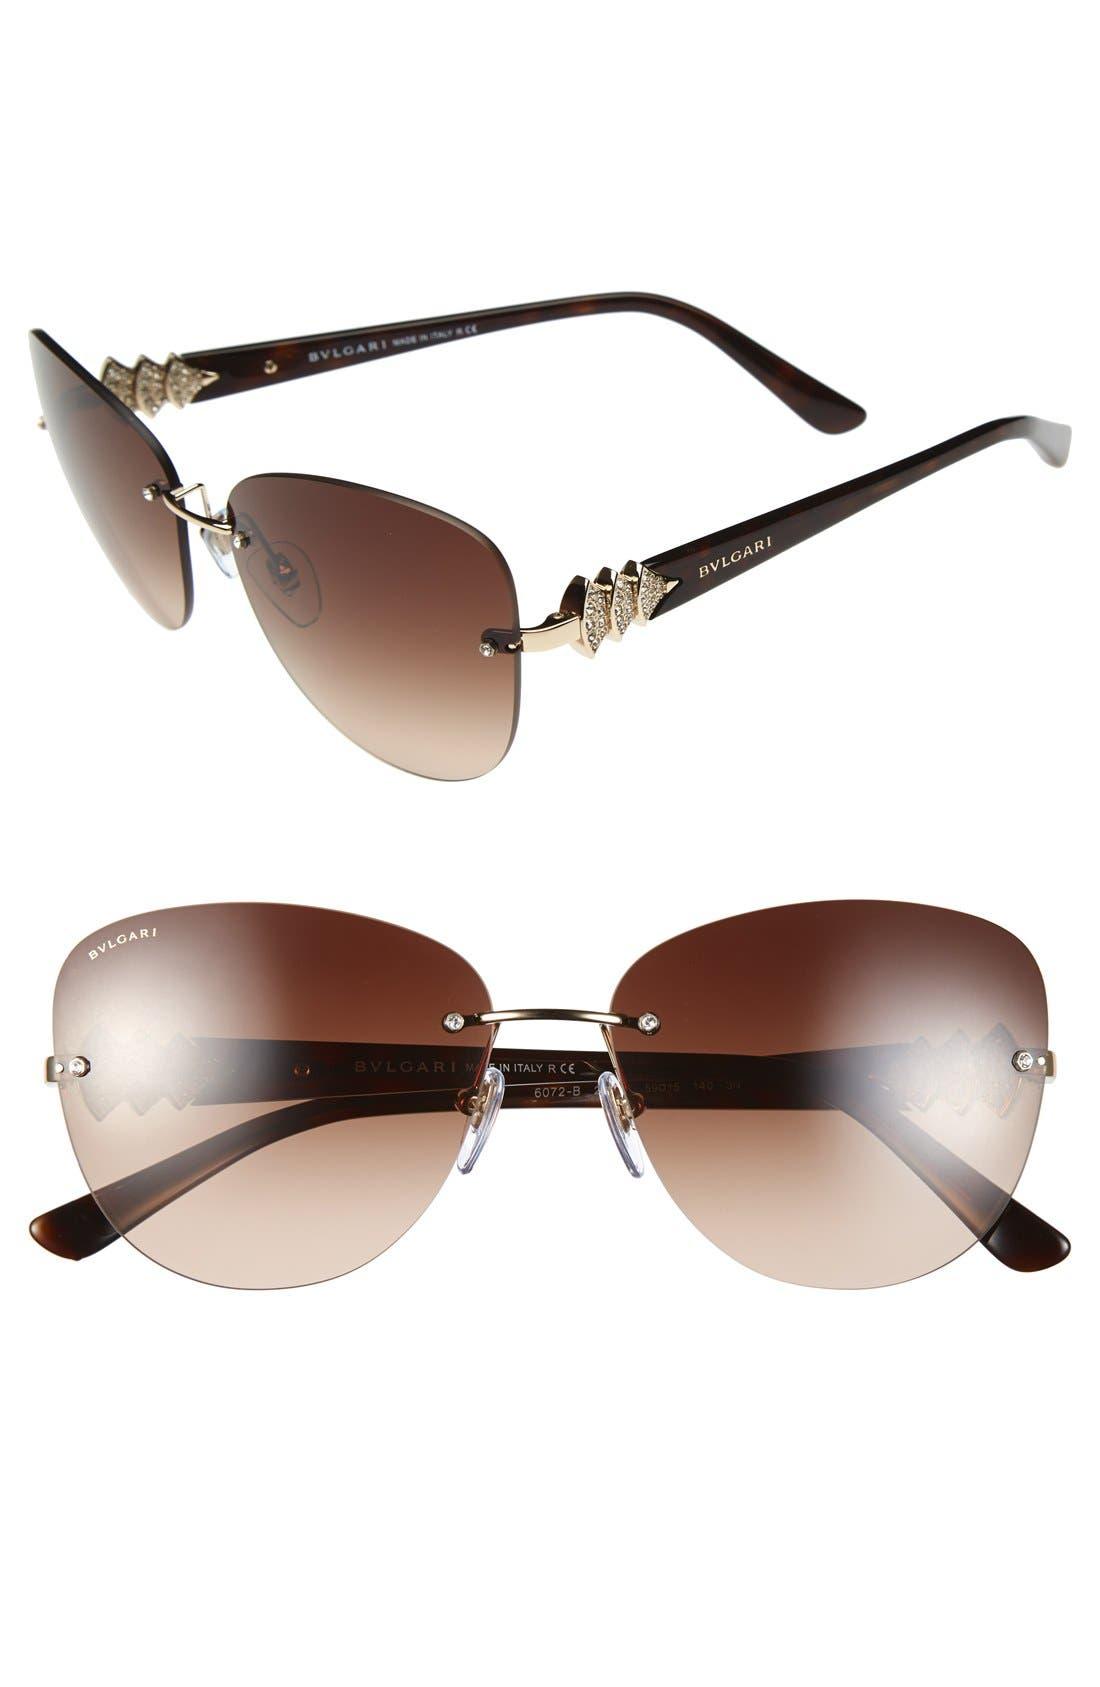 Main Image - BVLGARI 59mm Rimless Aviator Sunglasses